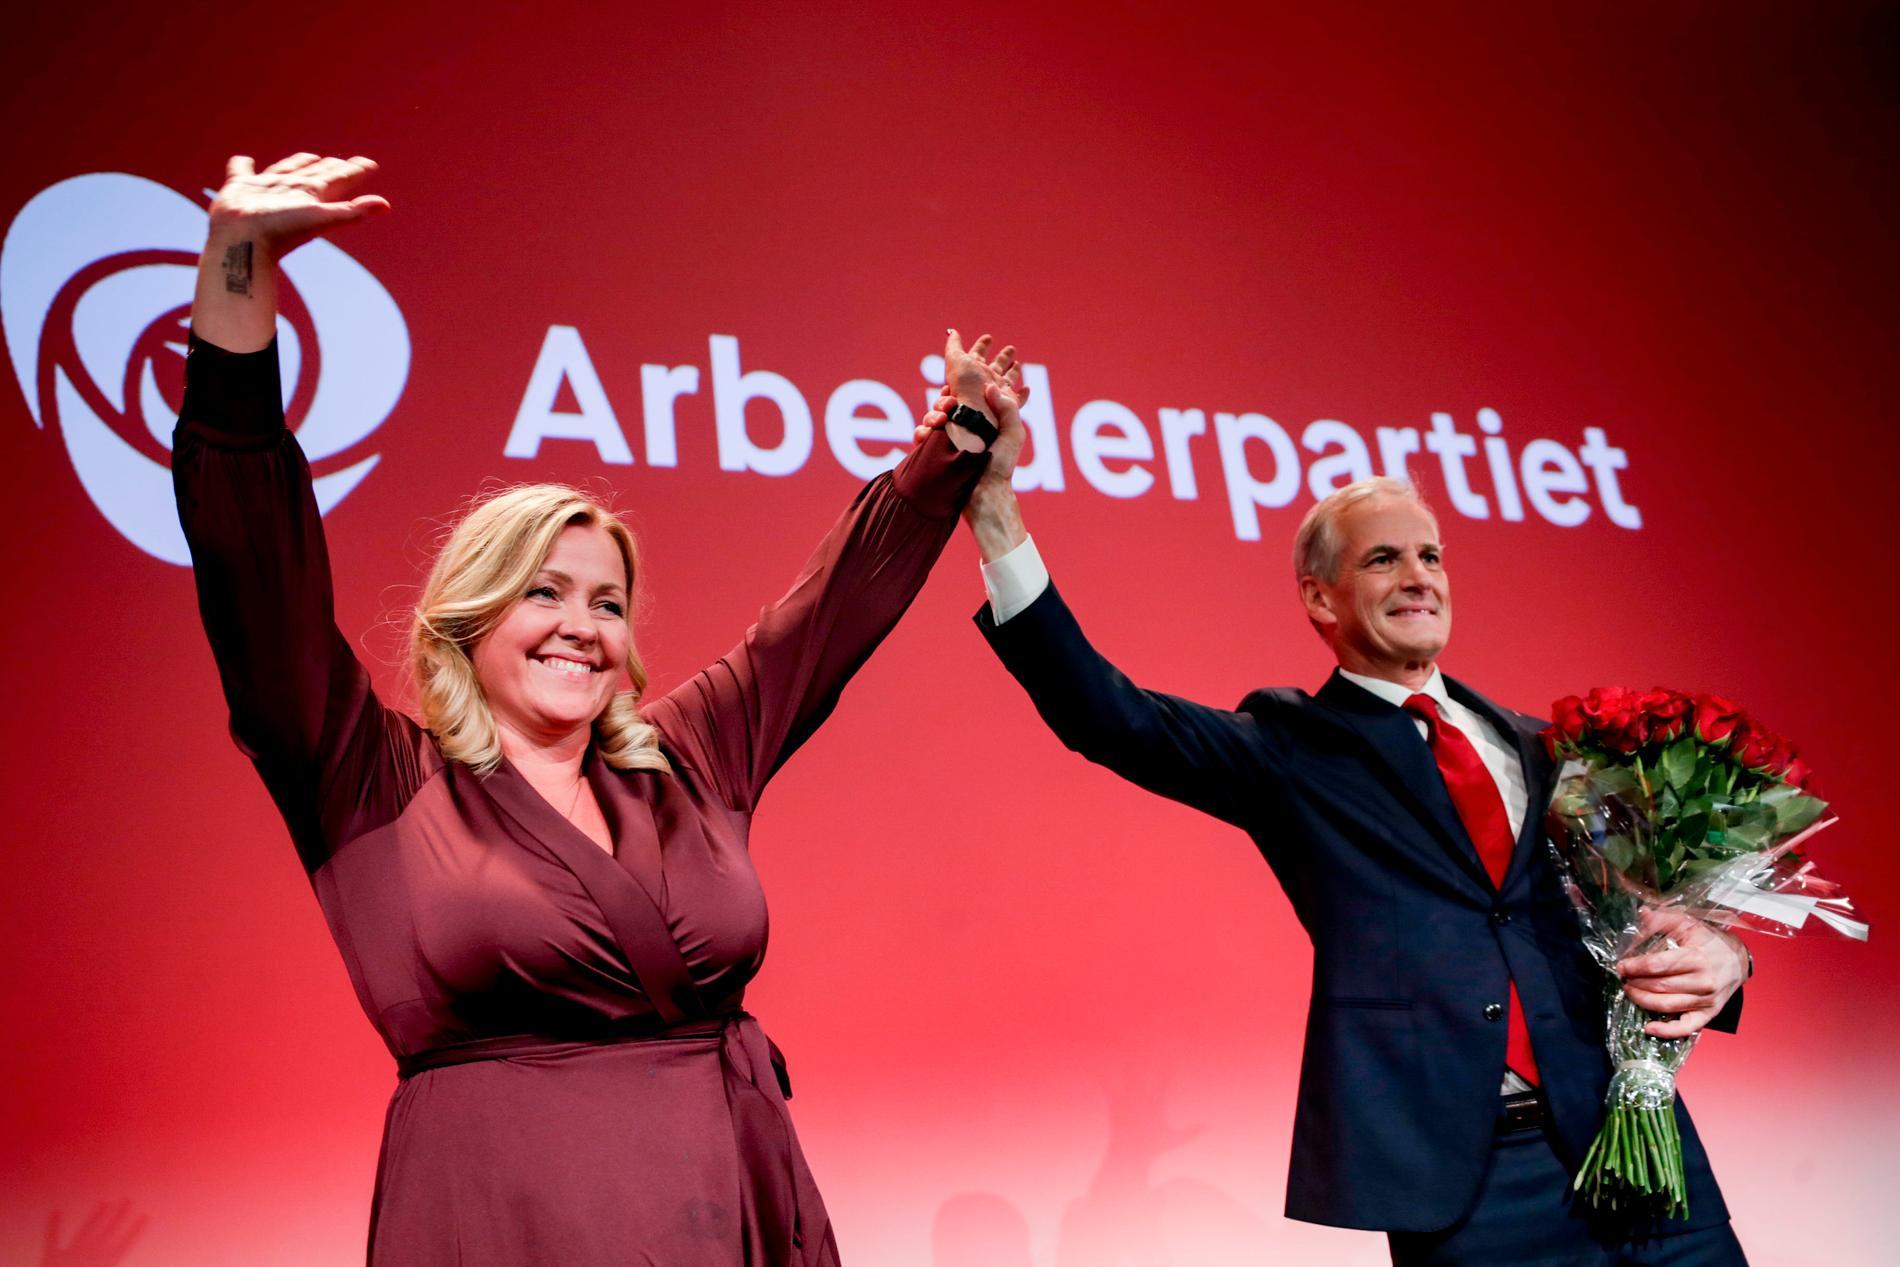 Arbeiderpartiets ledare Jonas Gahr Støre firar tillsammans med partisekreteraren Kjersti Stenseng.